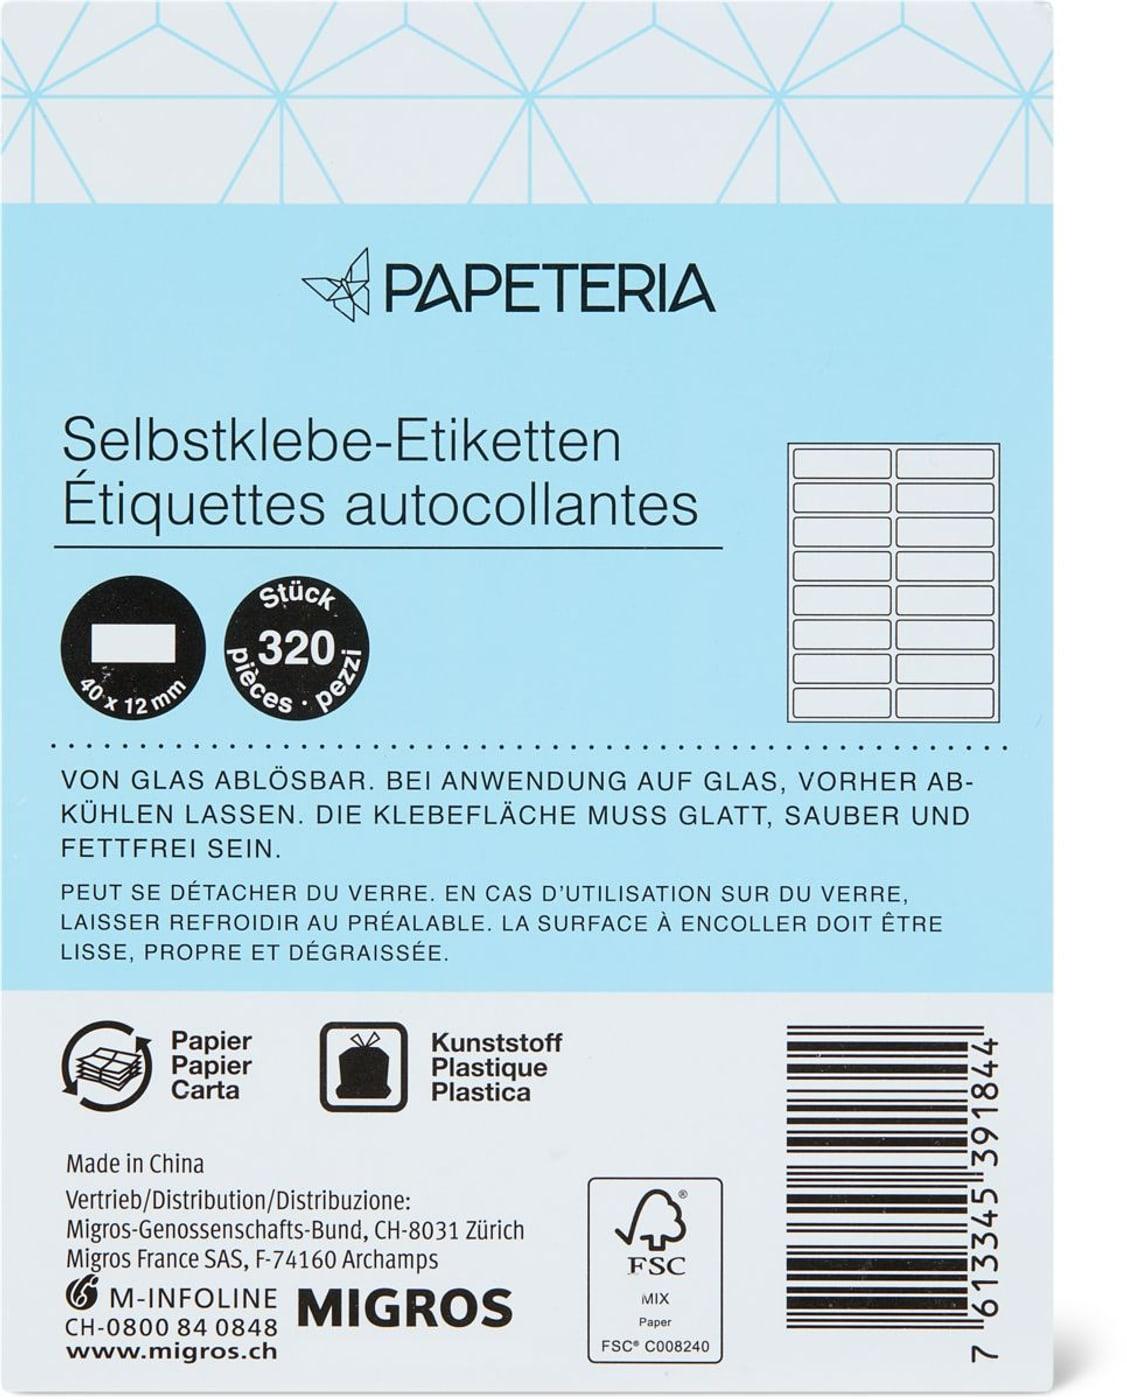 Papeteria Etiquettes Autocollantes pour Etiquette Scolaire Personnalisé Gratuit